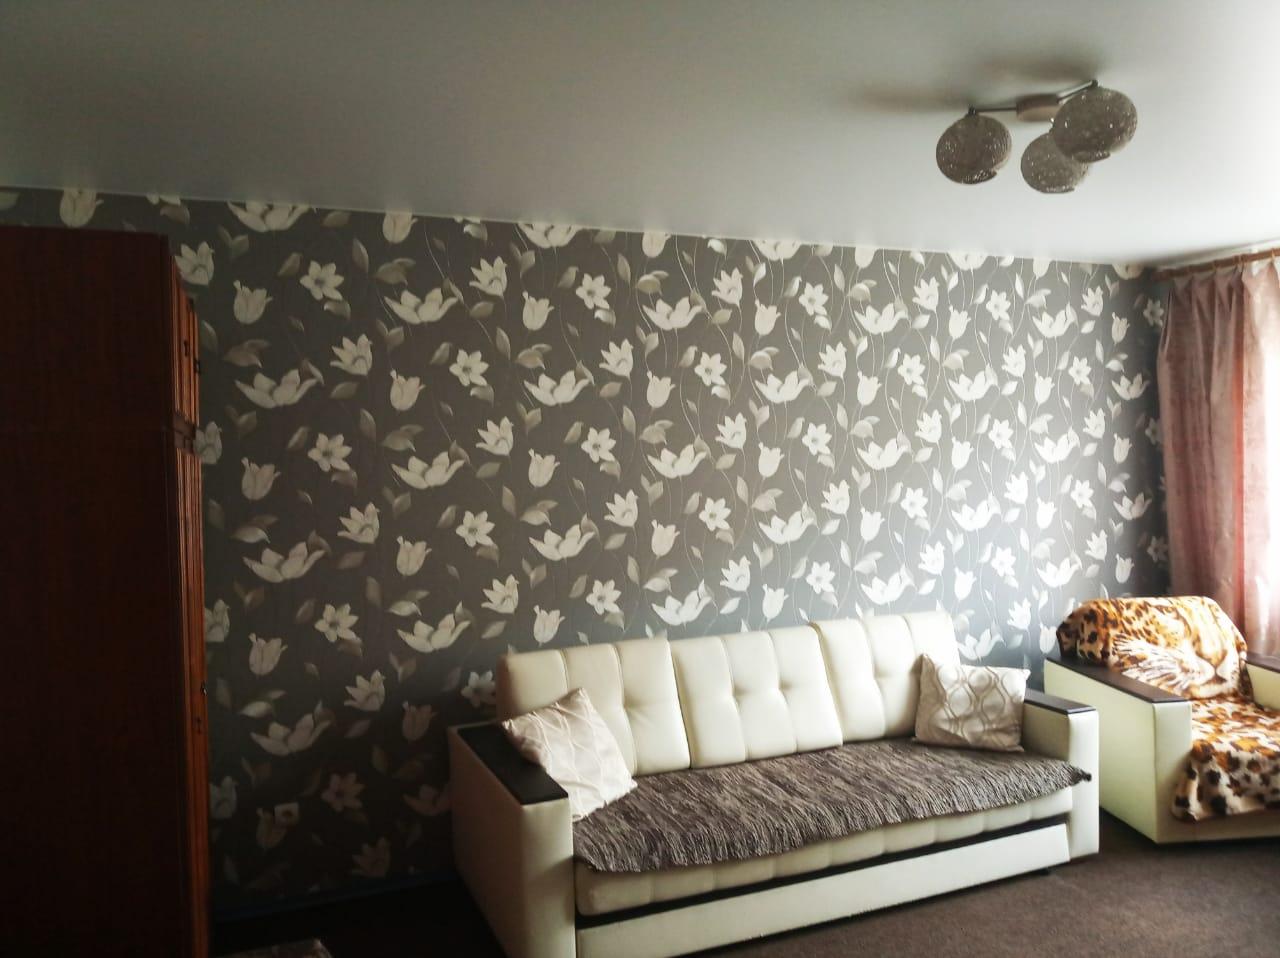 Продам 1-комнатную квартиру в городе Саратов, на улице 2 проезд Блинова,  4 Б, 6-этаж 10-этажного кирпичный дома, площадь: 37.1/19.3/9.19 м2